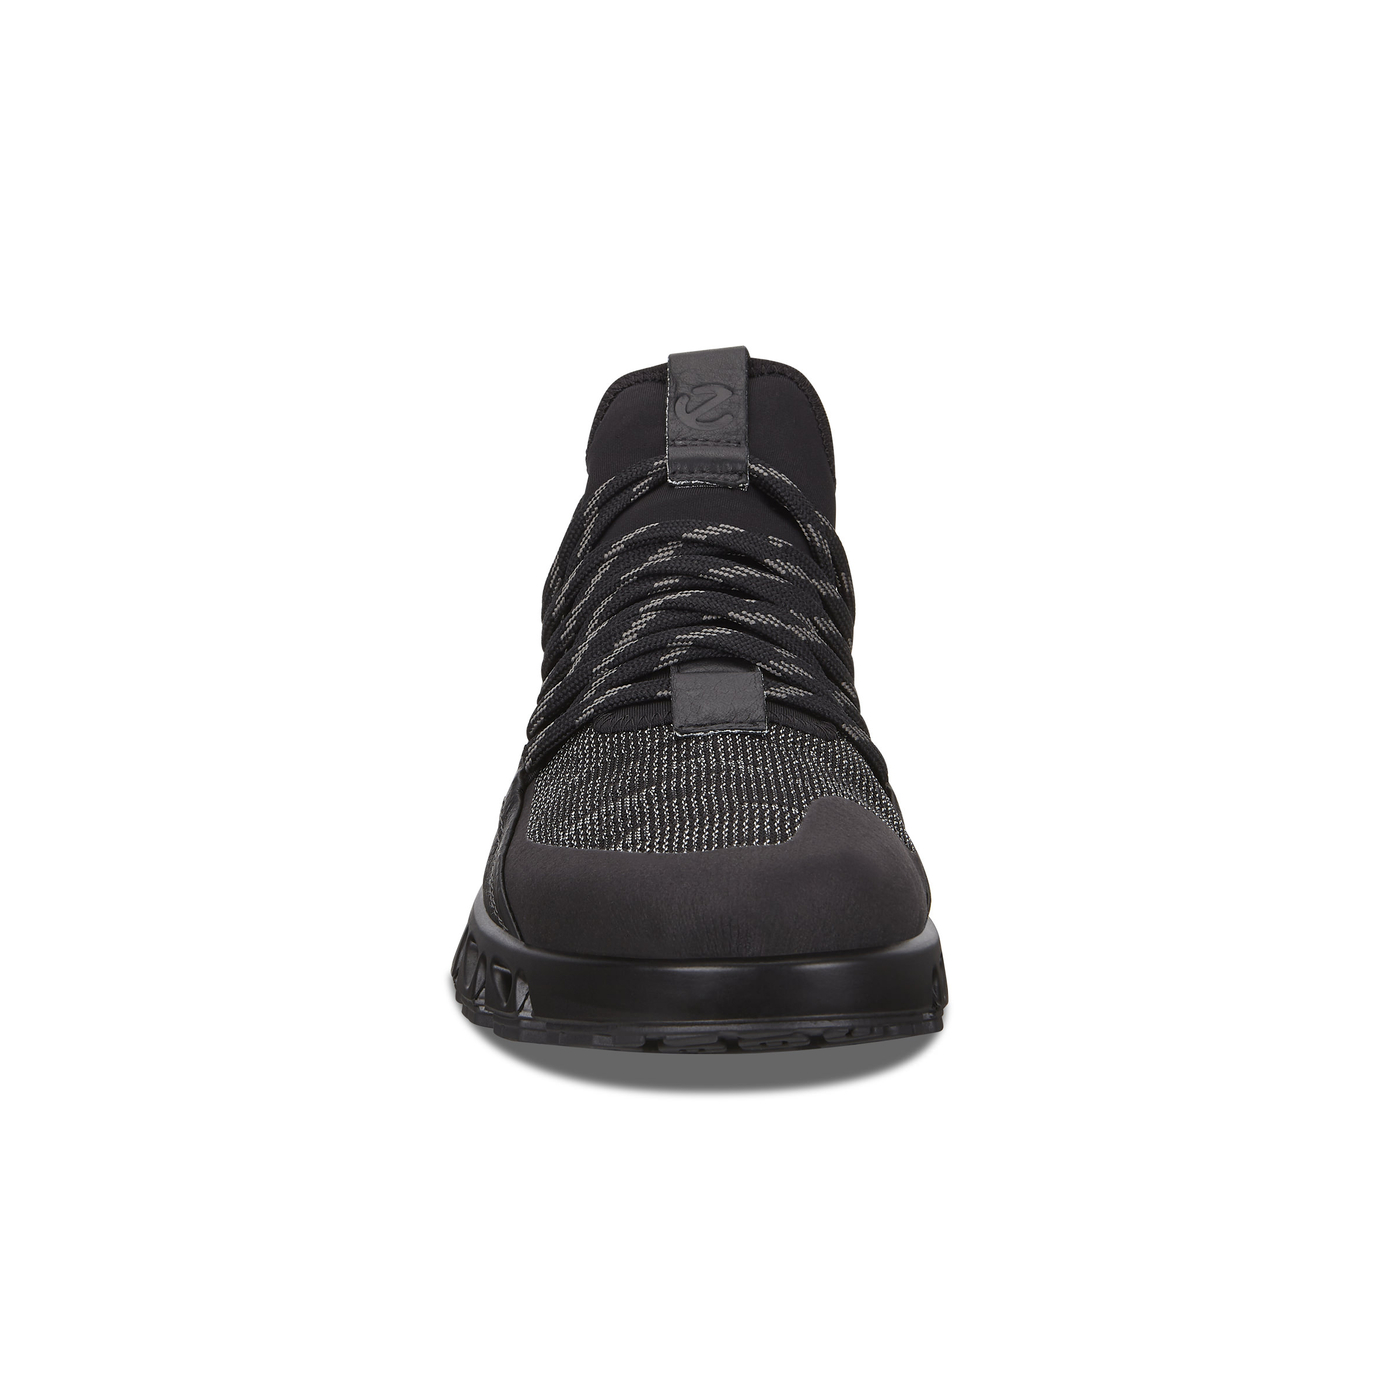 ECCO OMNI-VENT Mens Outdoor Dyneema Sneaker